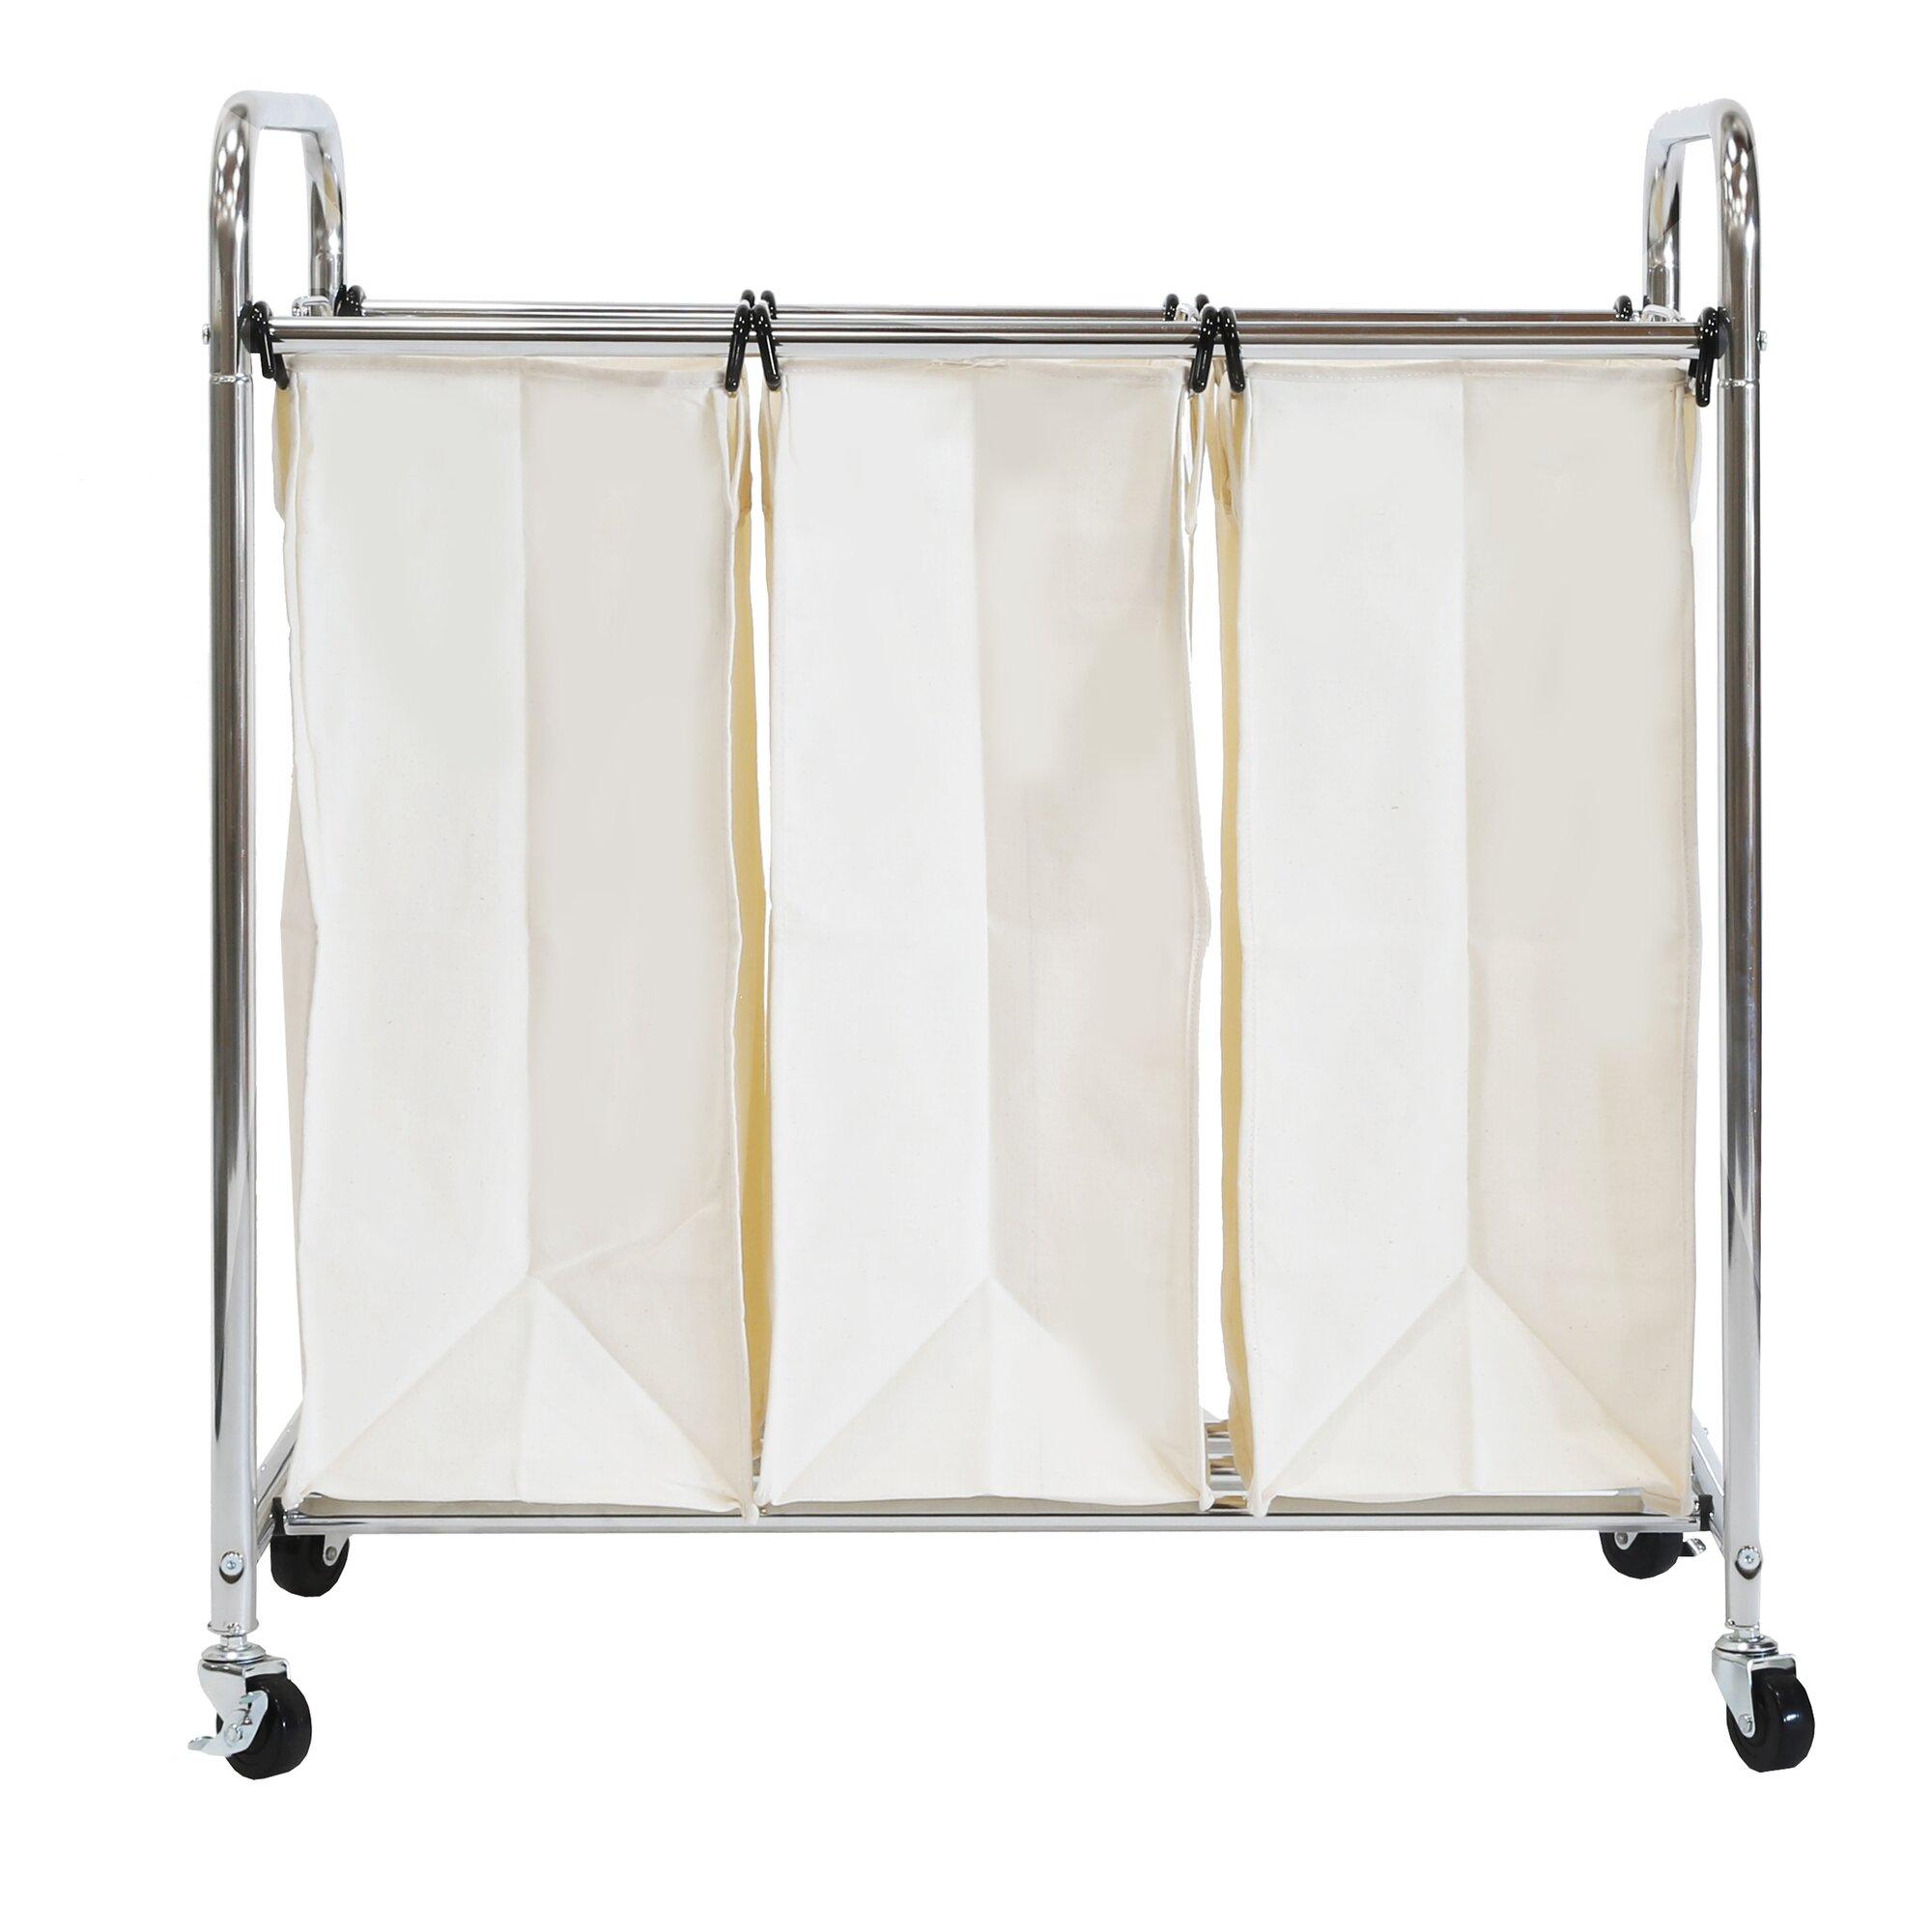 wayfair allmodern - wayfair basics bag laundry sorter reviews allmodern